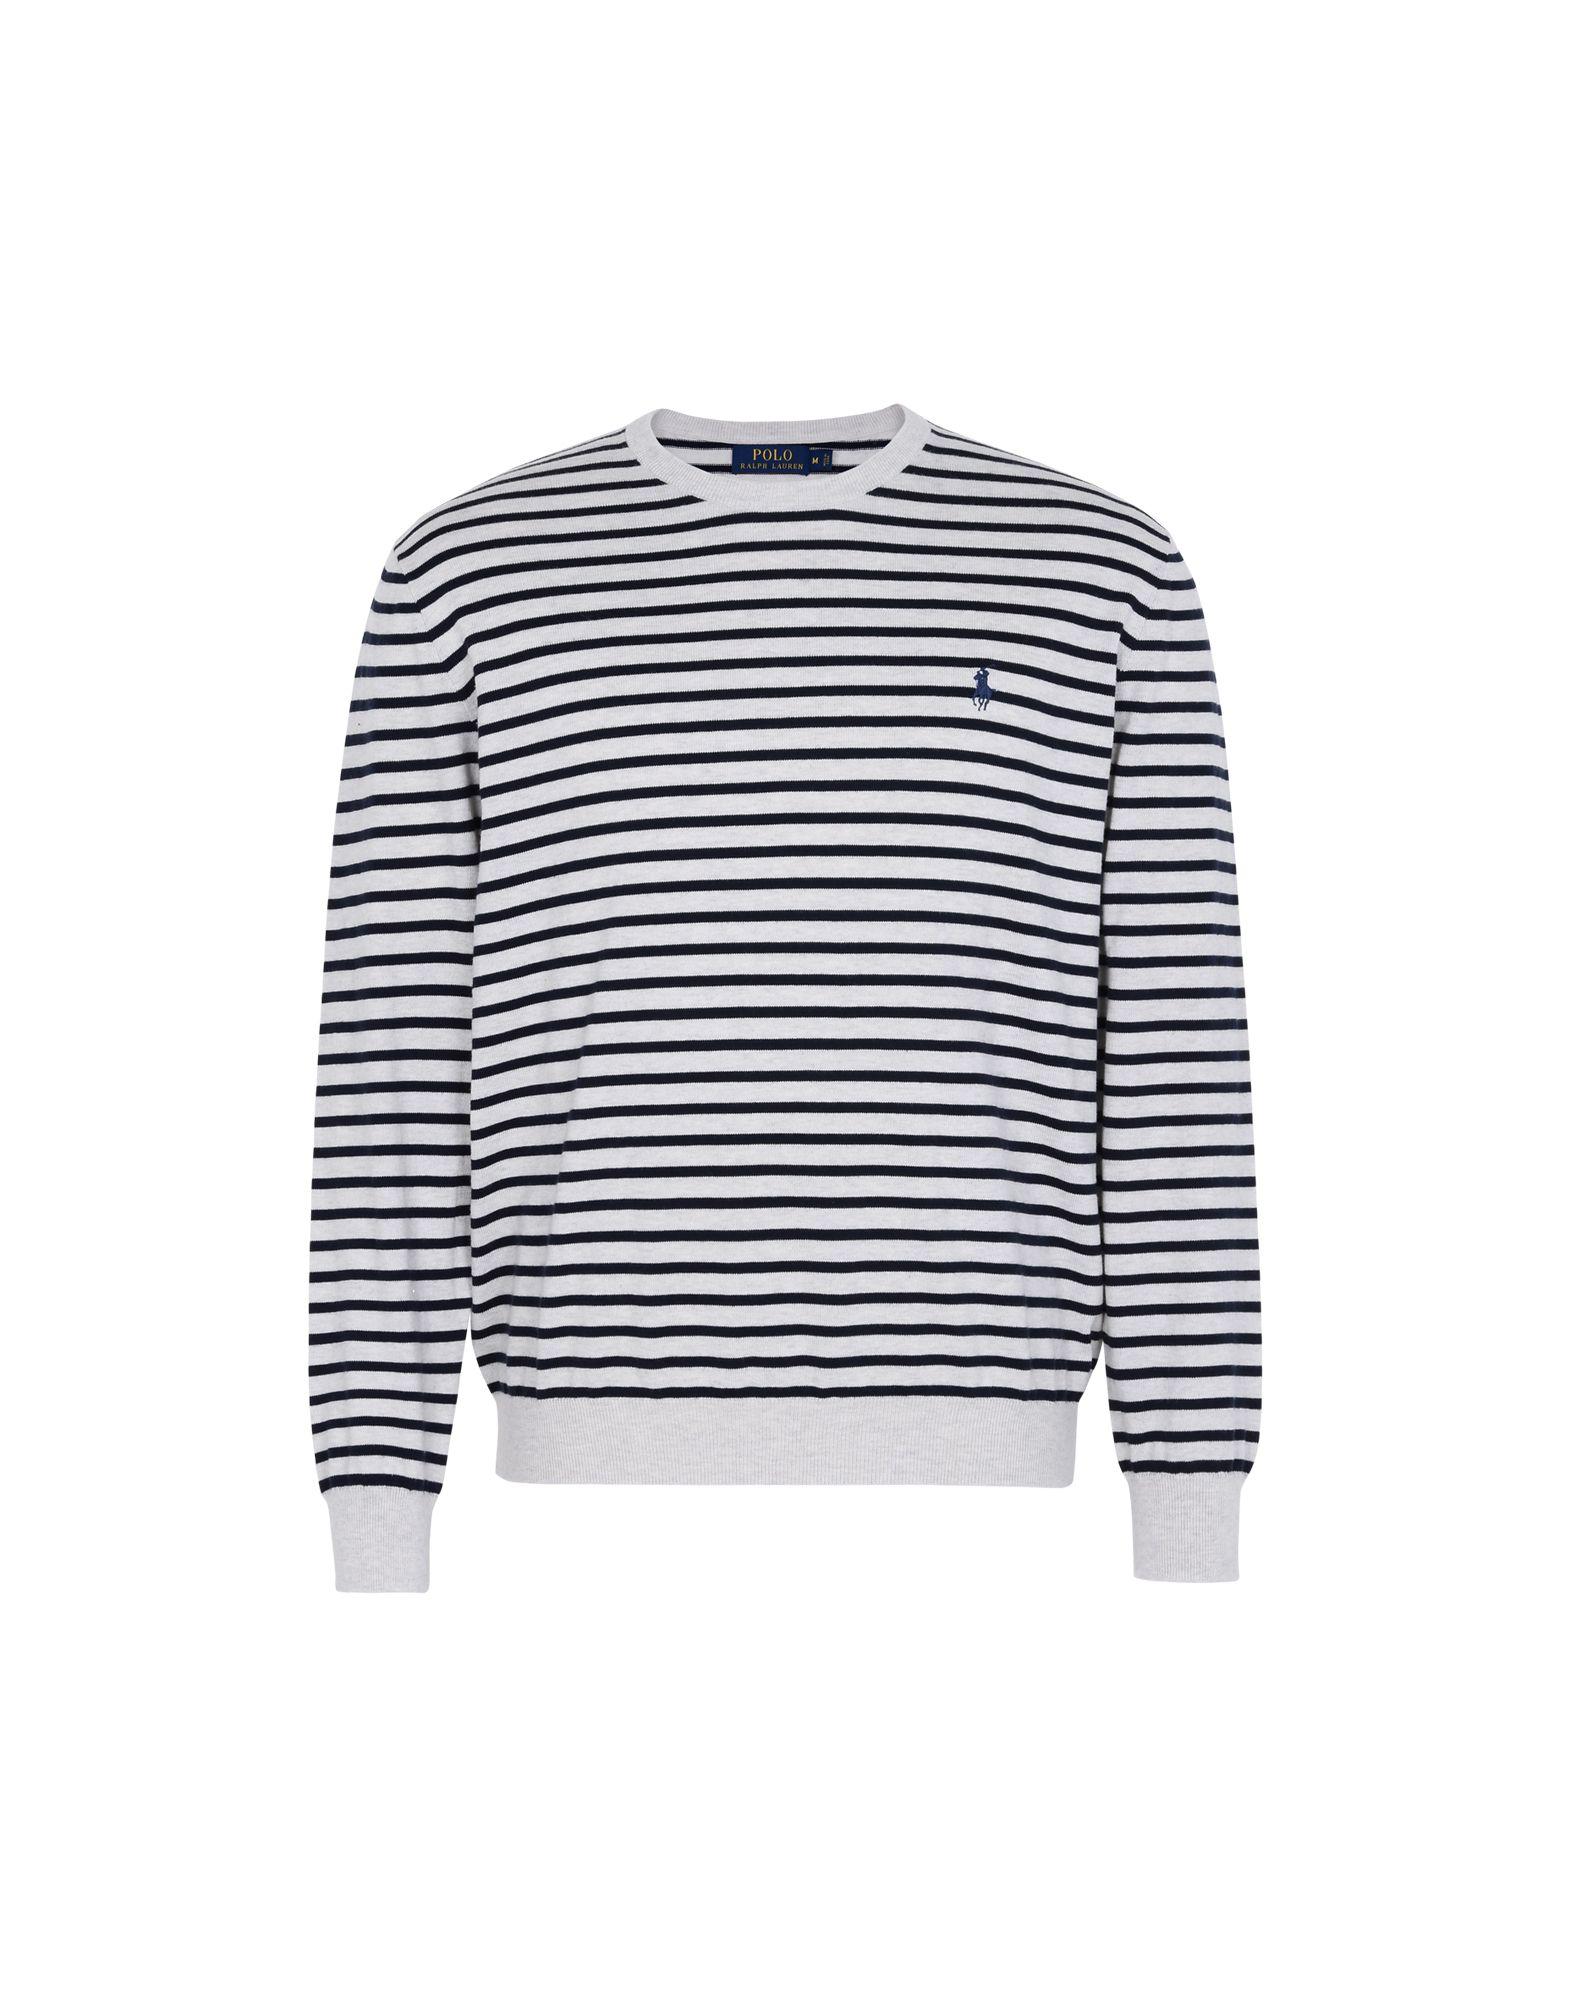 Pullover Polo Ralph Lauren Pima Cotton Sweater - Uomo - Acquista online su